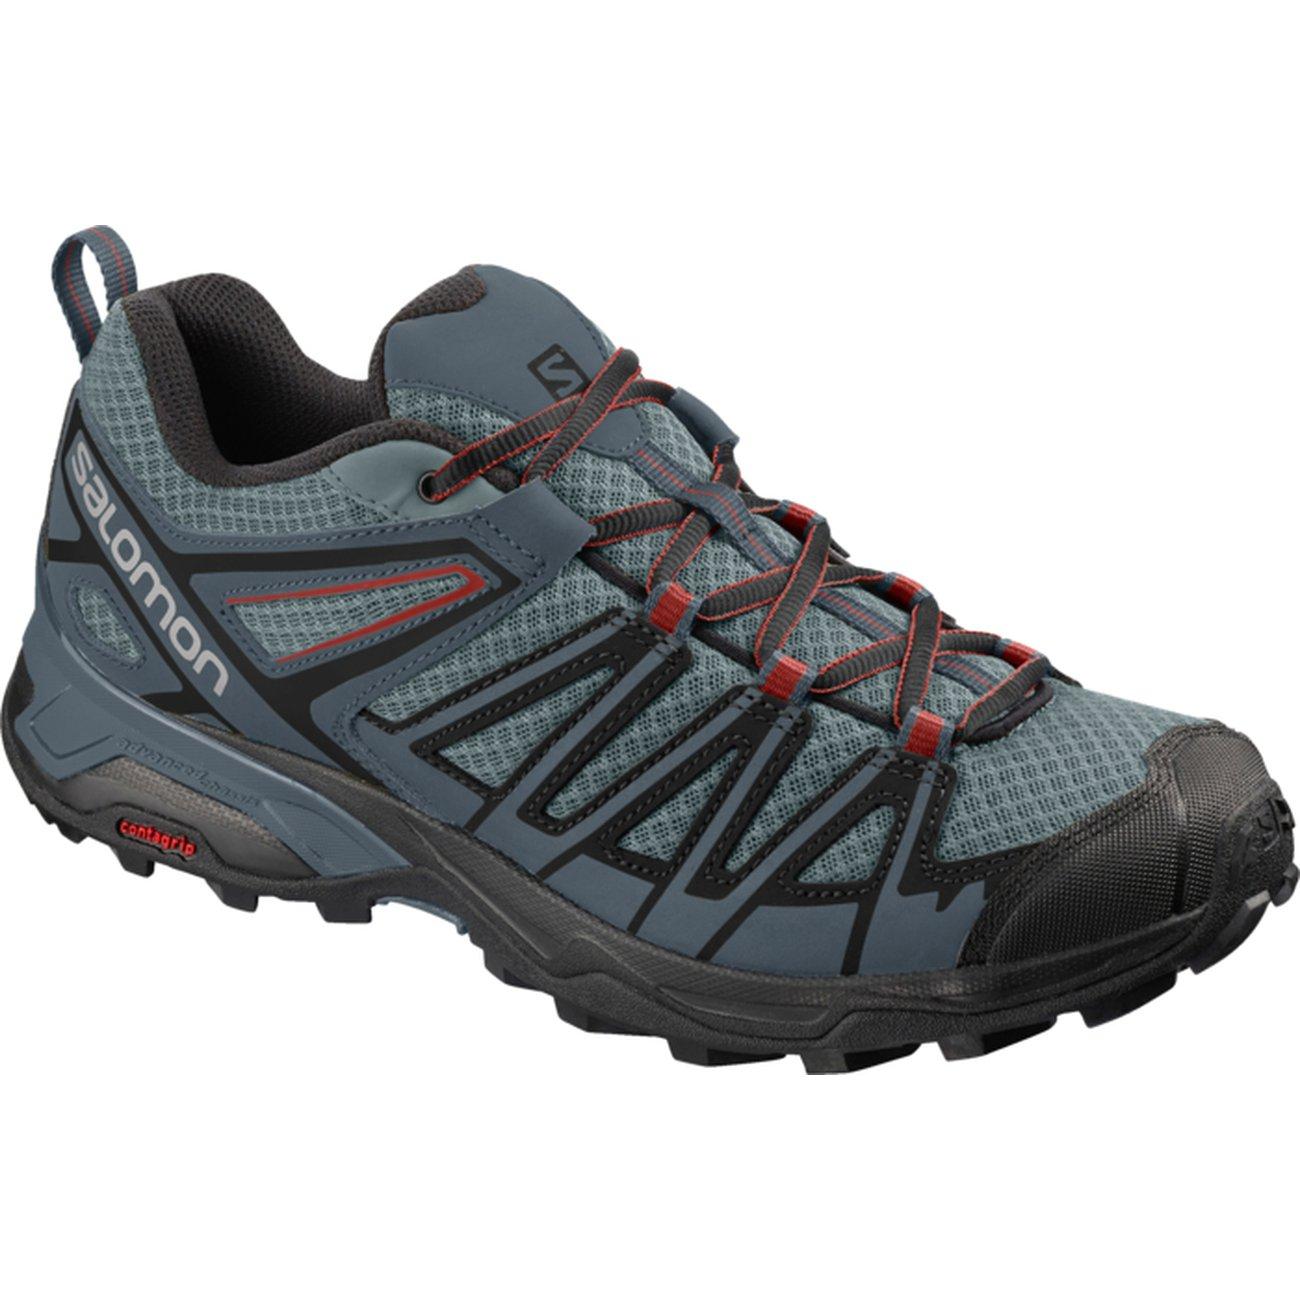 Chaussures salomon X Ultra 3 Prime (vendeur tiers)